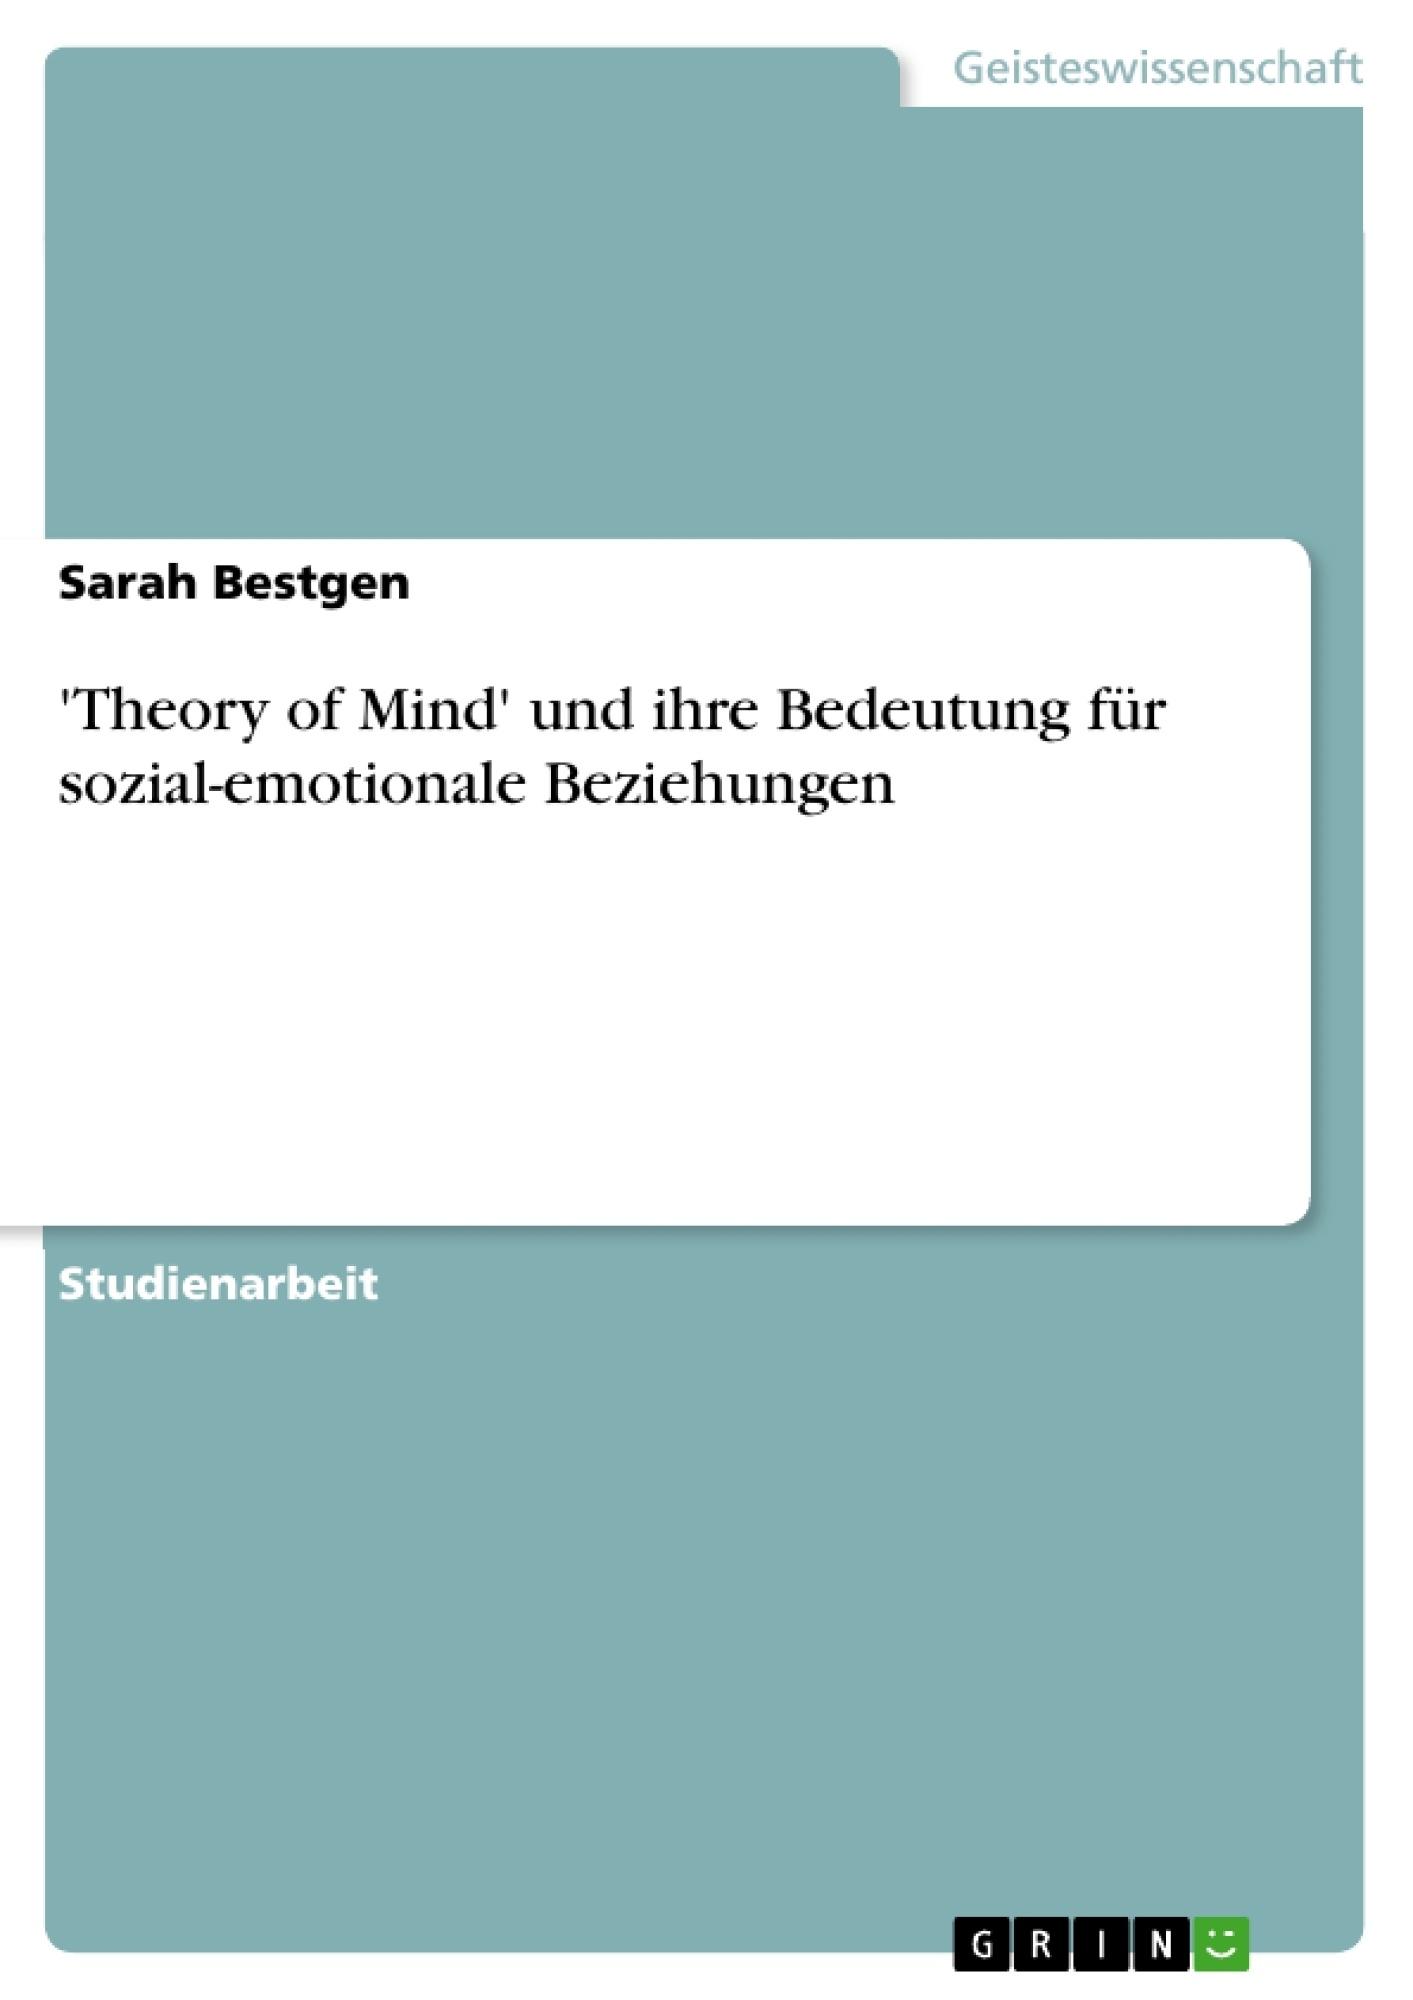 Titel: 'Theory of Mind' und ihre Bedeutung für sozial-emotionale Beziehungen